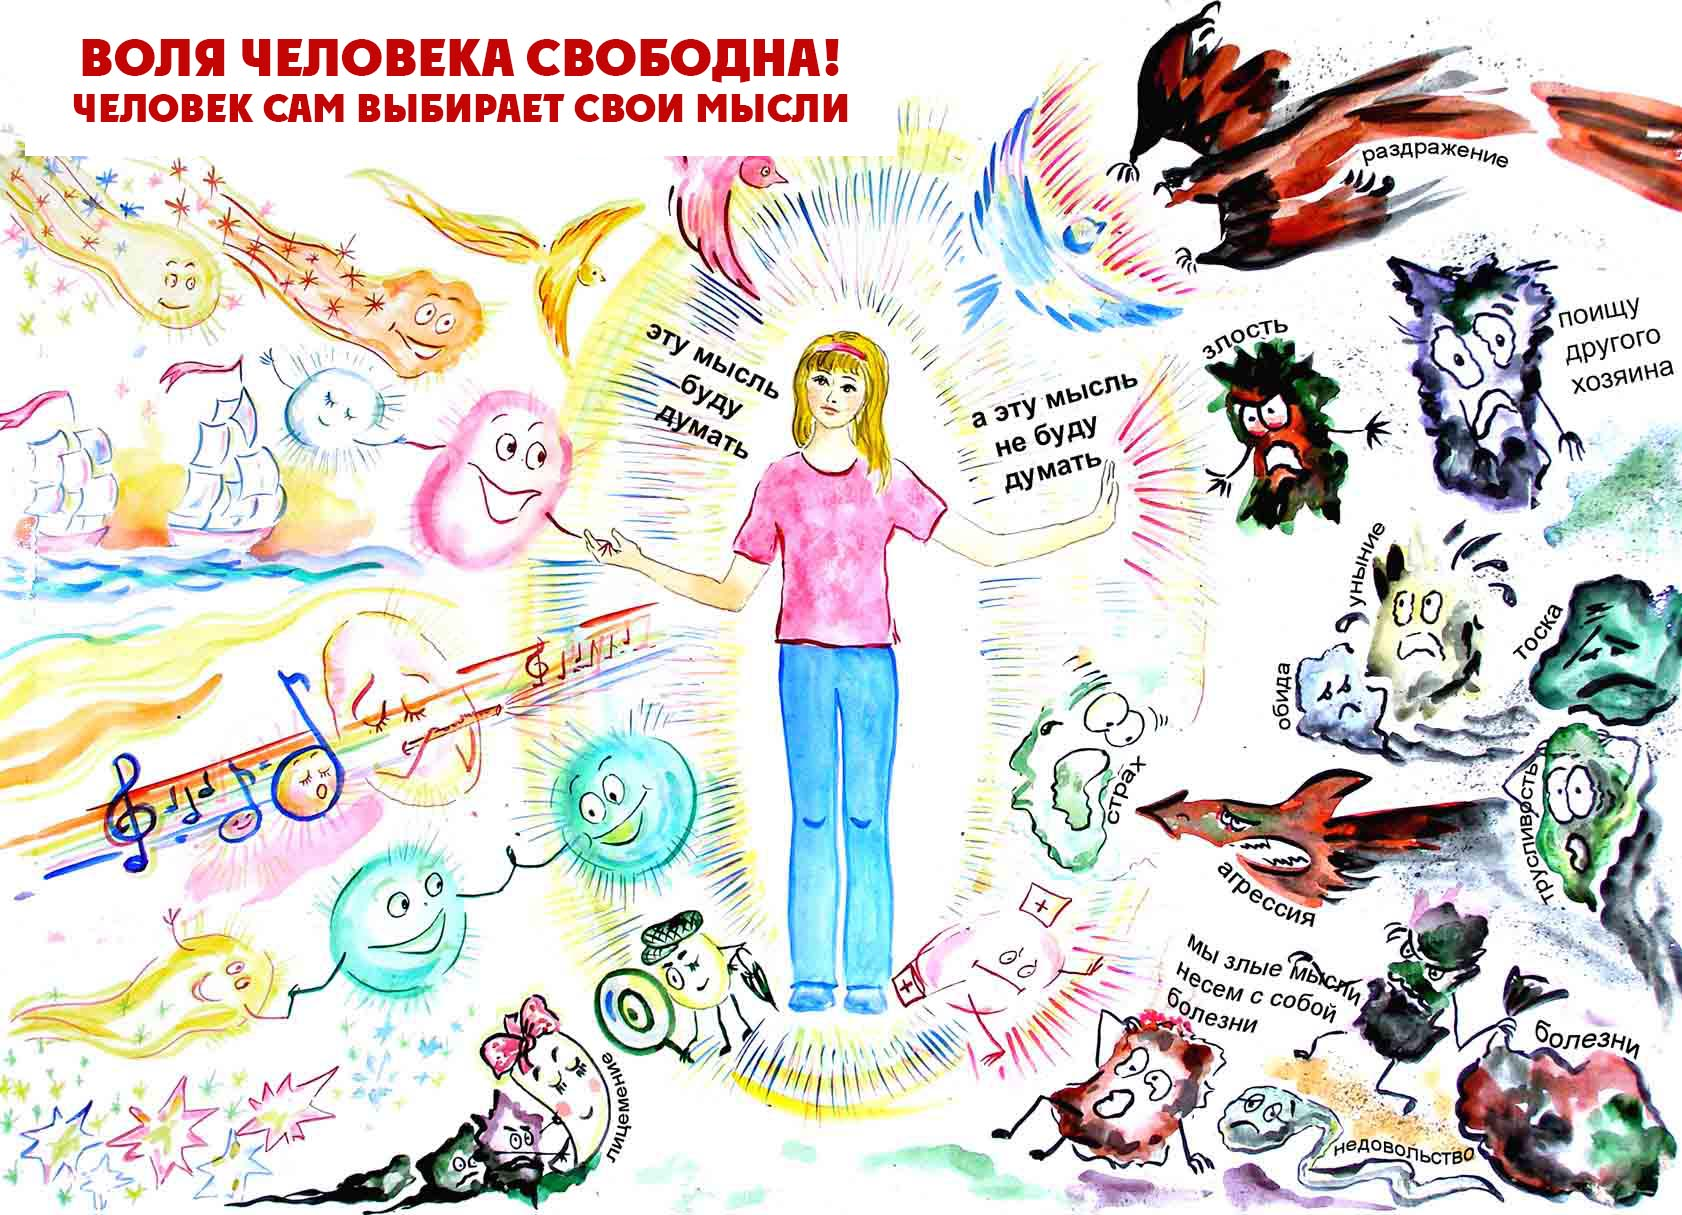 5 - СветВМир.ру - Интересный познавательный журнал. Развитие познания - Человек сам выбирает свои мысли!